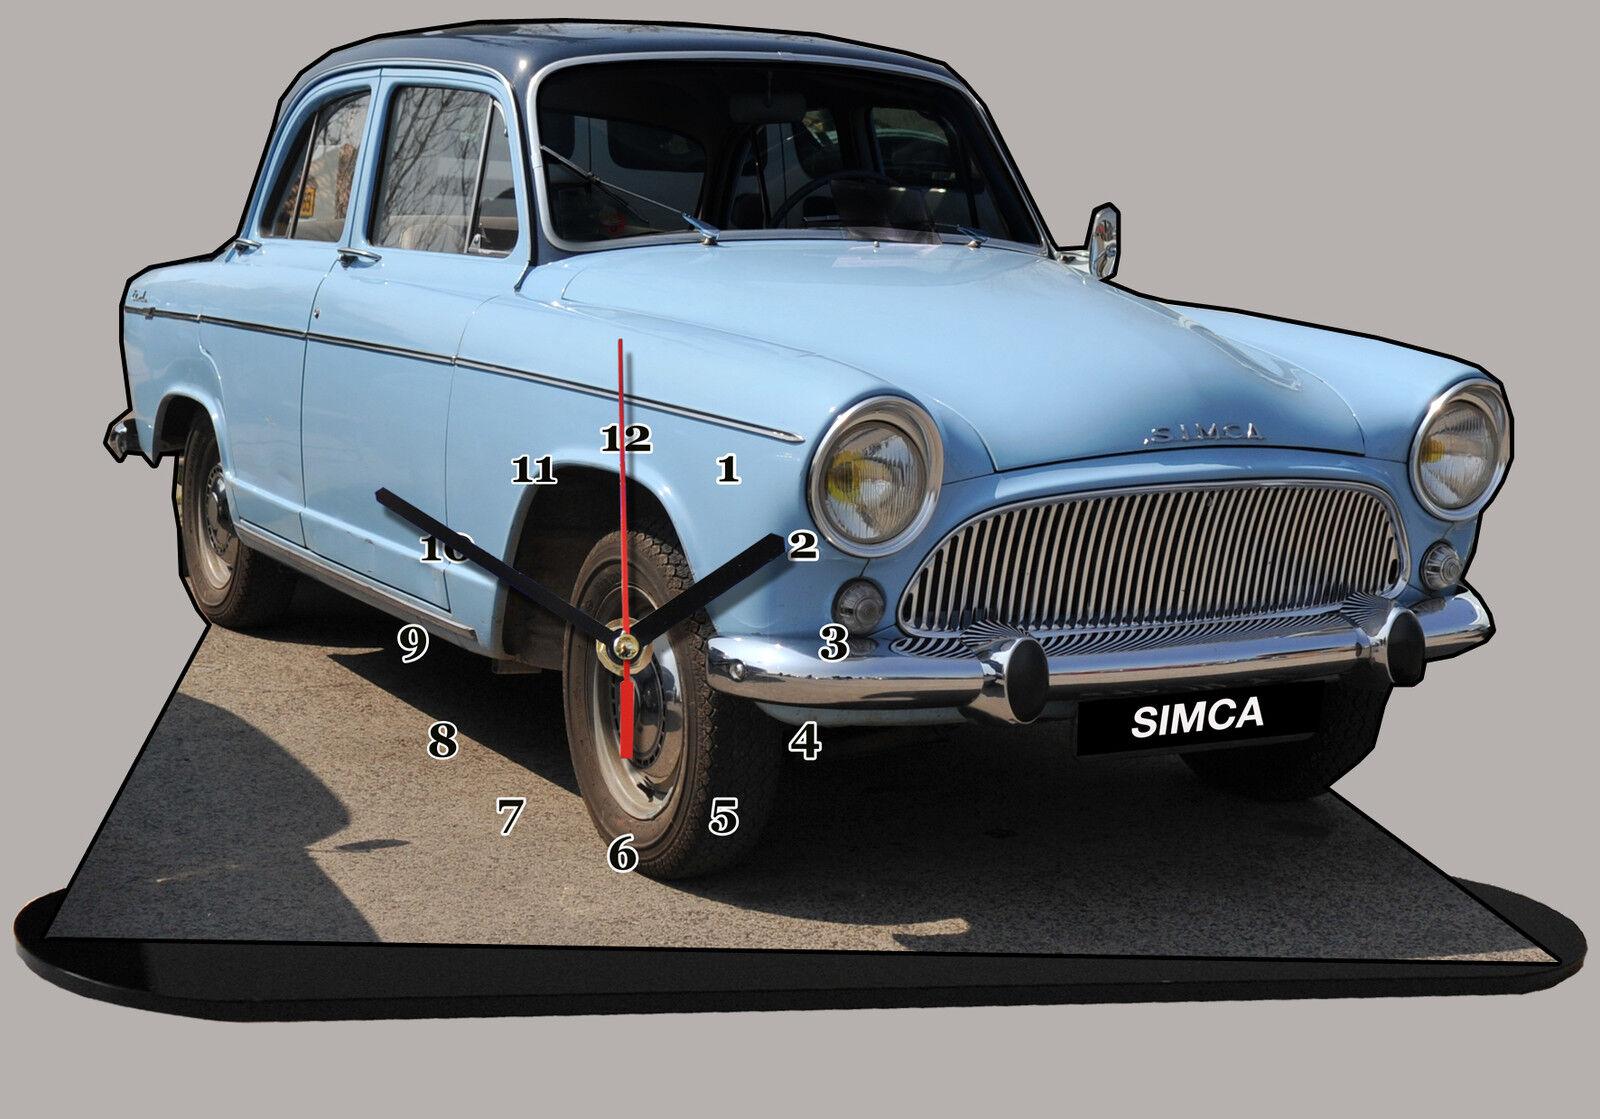 MINIATURE, MODEL CARS,    SIMCA P60 simca-p-60 en horloge 71368d